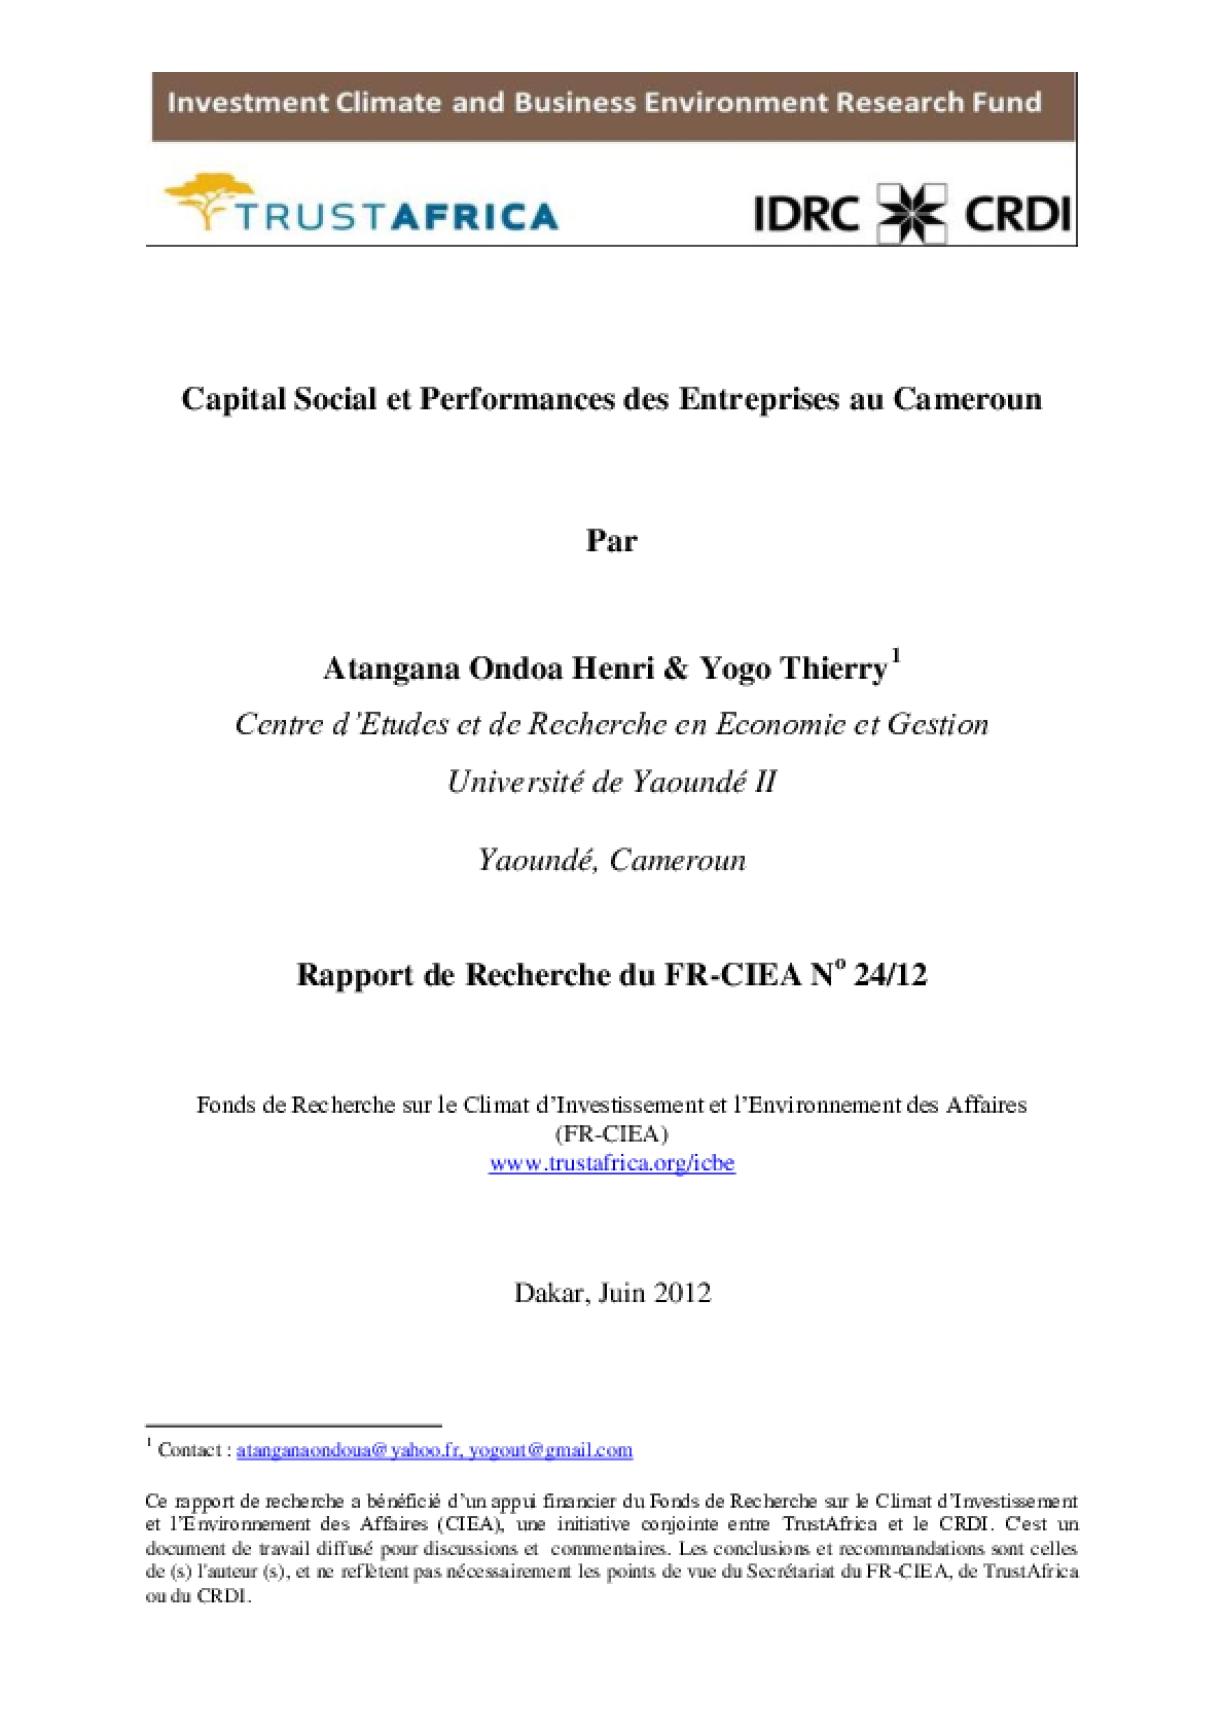 Capital Social et Performances des Entreprises au Cameroun